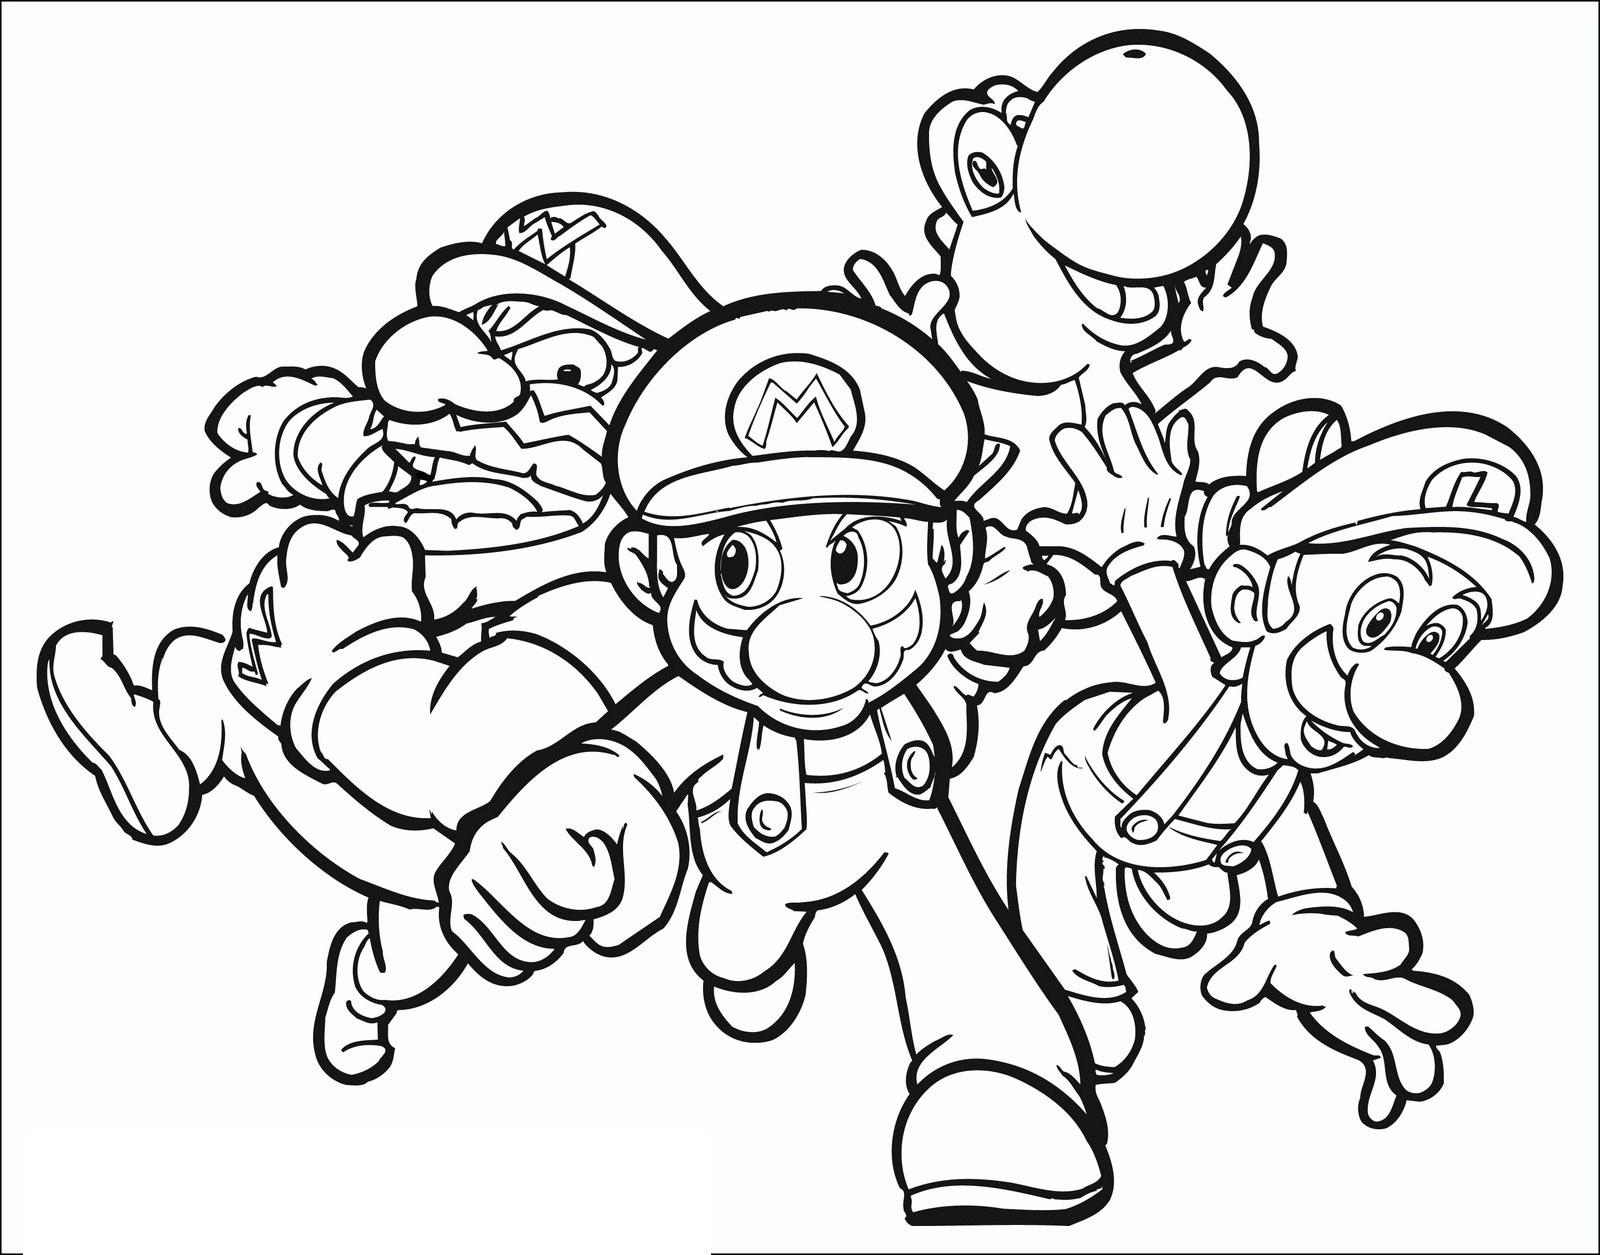 Coloriage Sonic Et Mario En Ligne Gratuit Imprimer A Aux serapportantà Jeux Coloriage Gratuit